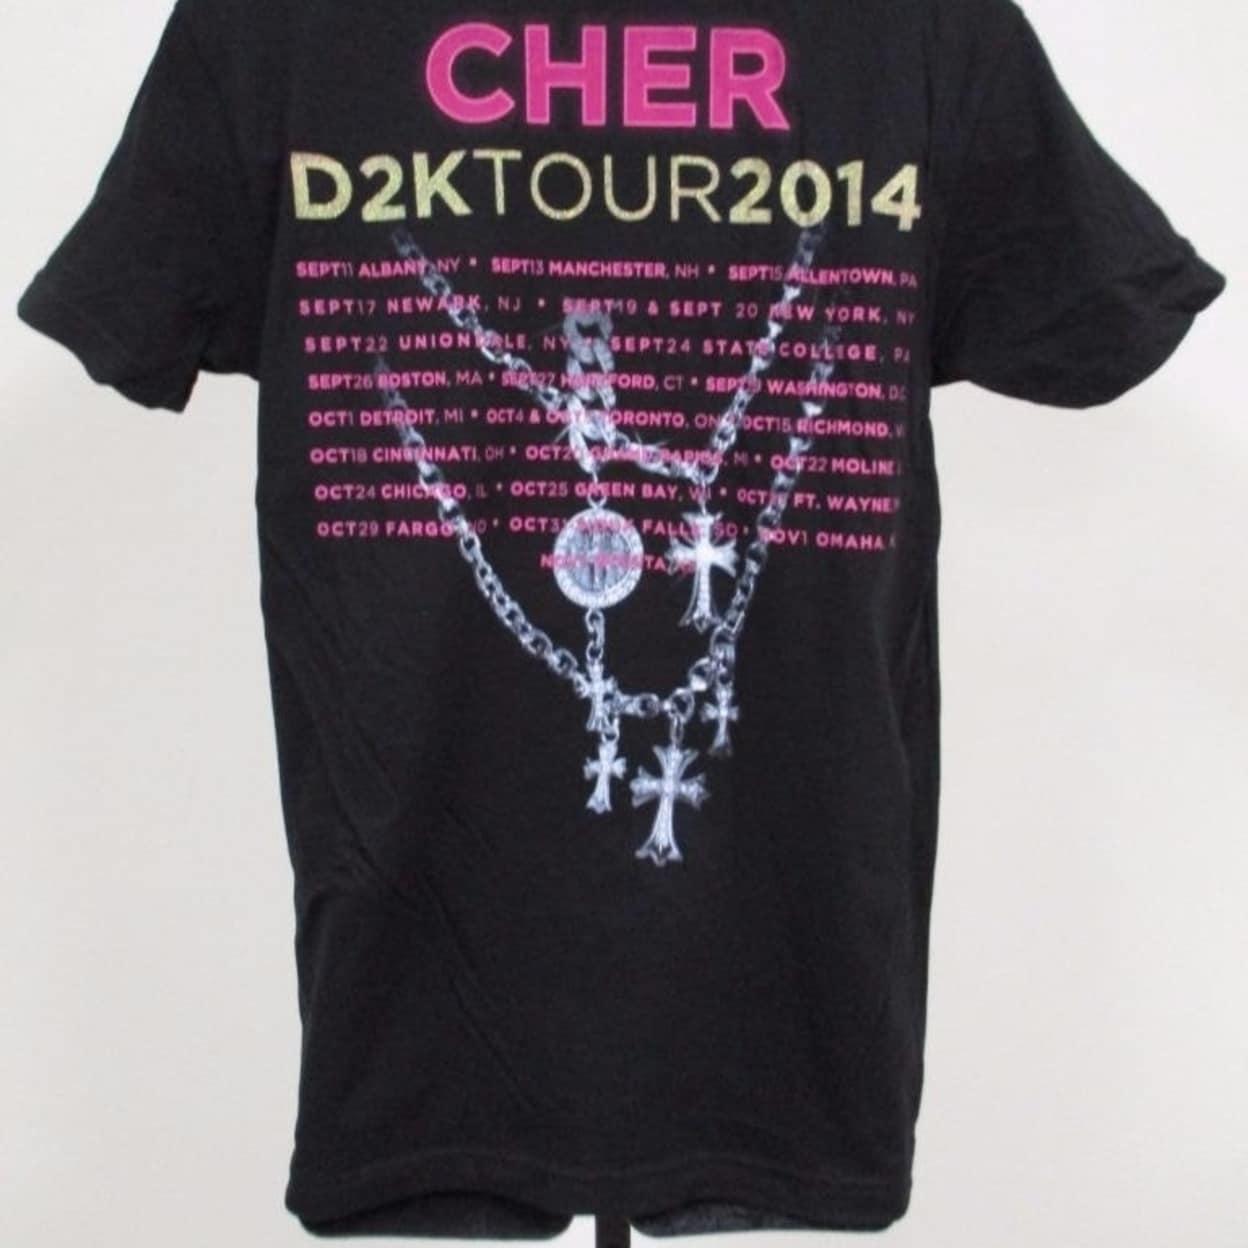 """New CHER /""""D2K TOUR 2014/"""" Mens Adult Sizes S-M-L-XL-2XL Band Concert Shirt"""